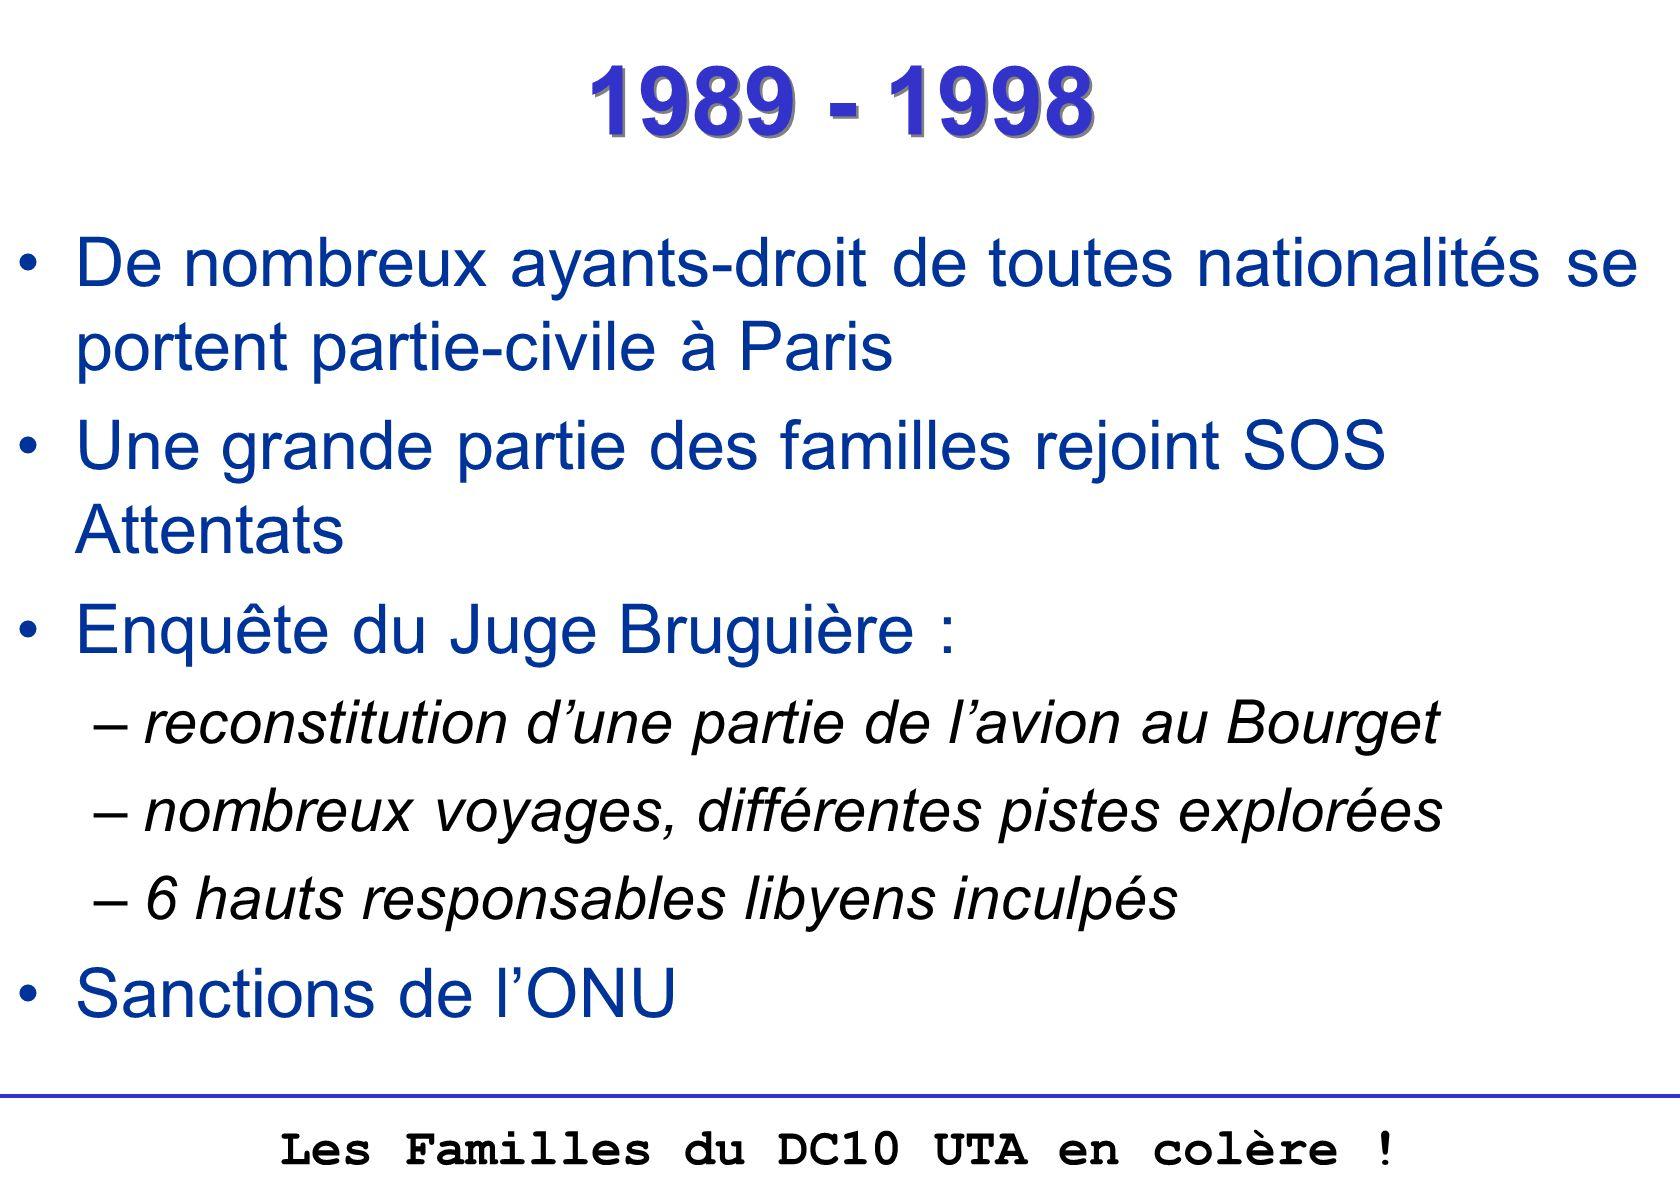 Les Familles du DC10 UTA en colère ! 1989 - 1998 De nombreux ayants-droit de toutes nationalités se portent partie-civile à Paris Une grande partie de